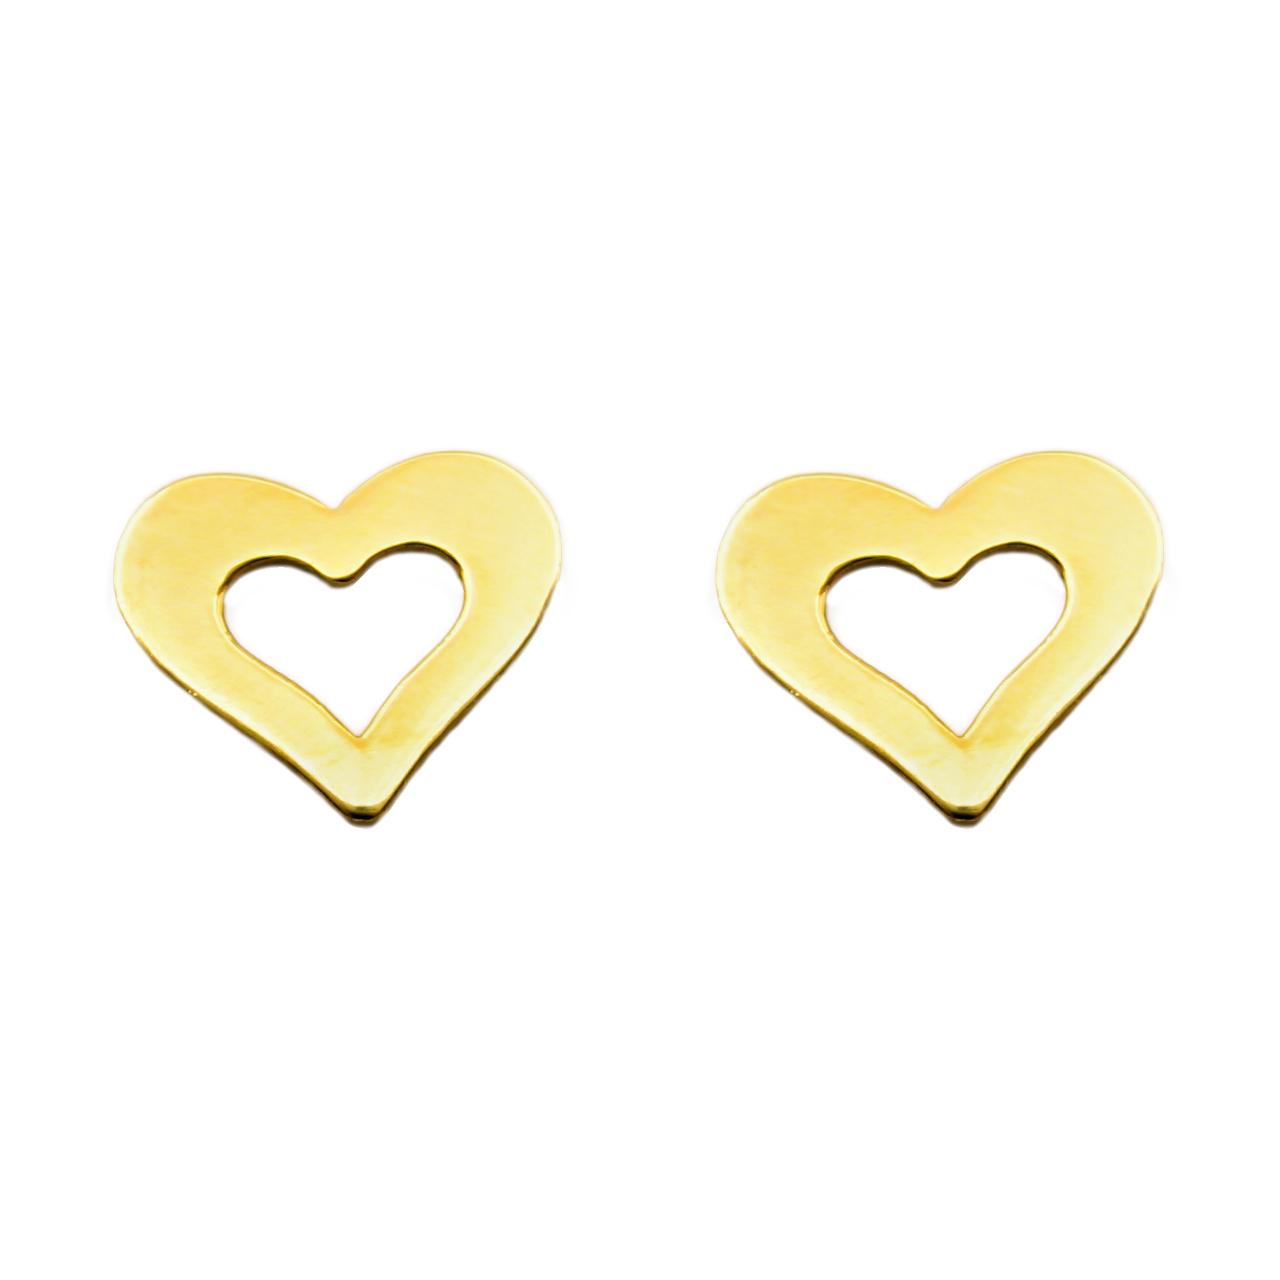 گوشواره طلا 18 عیار زنانه کاپانی مدل قلب کد KE003